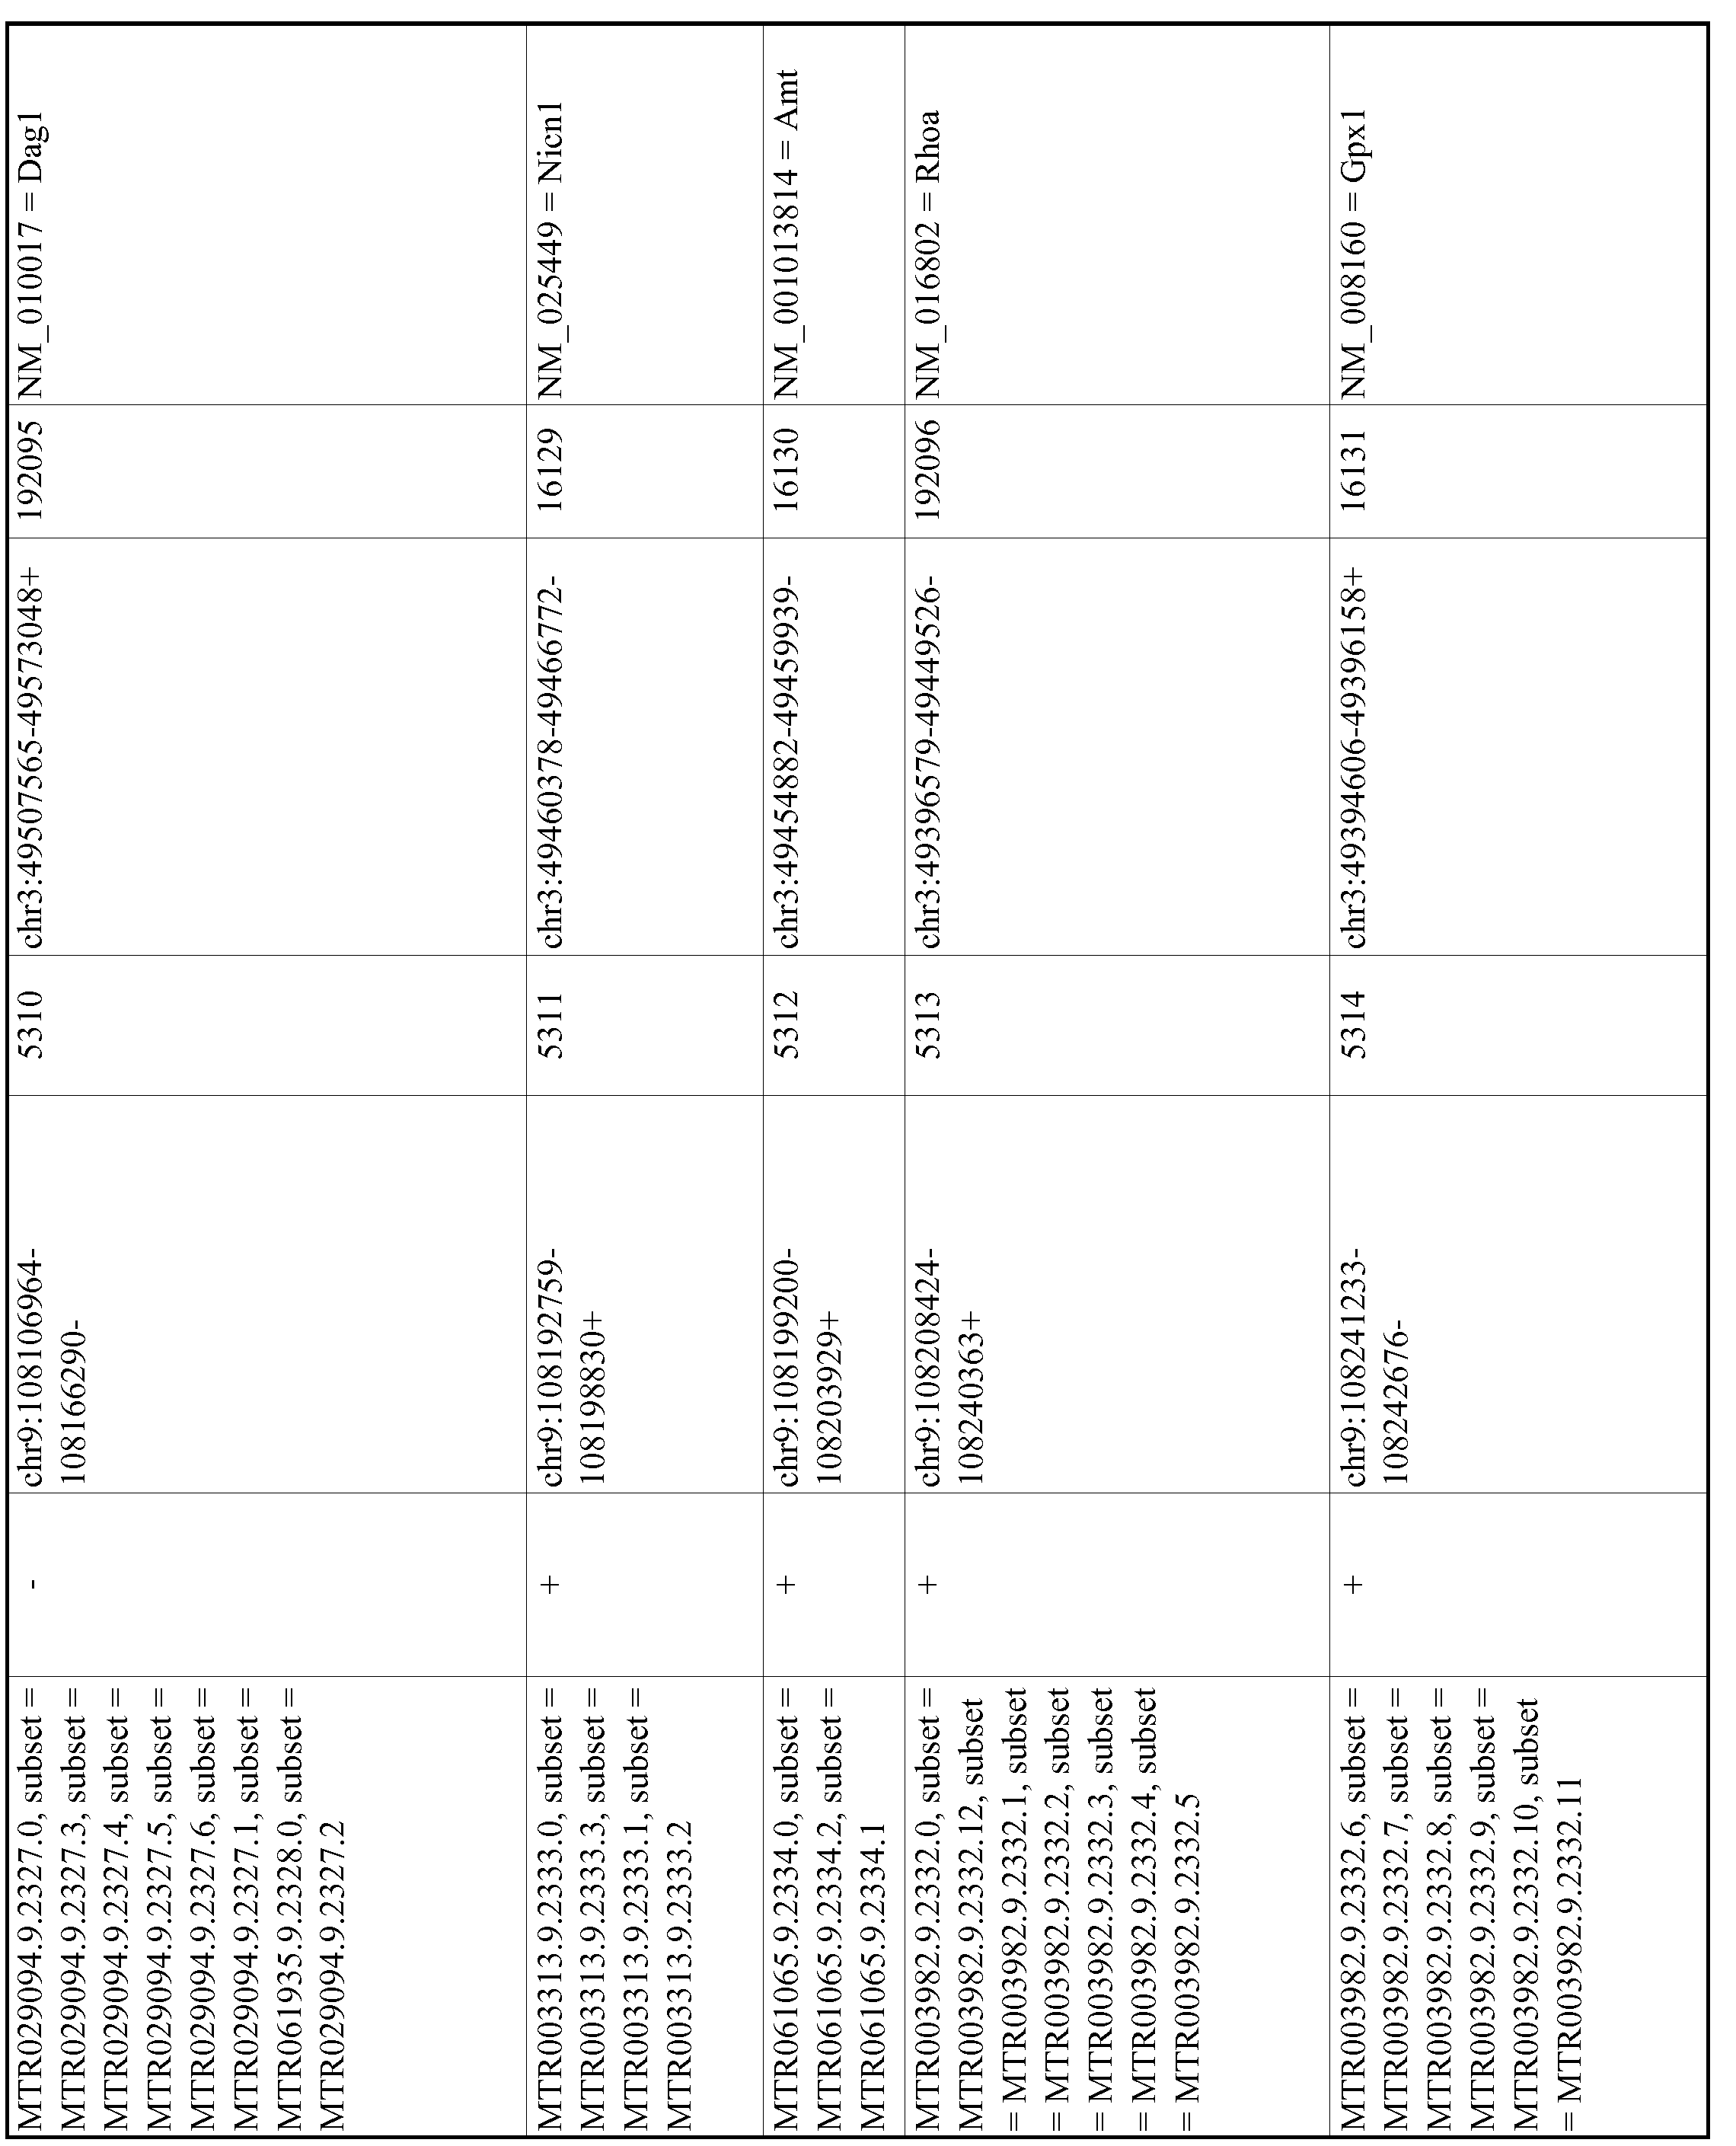 Figure imgf000959_0001